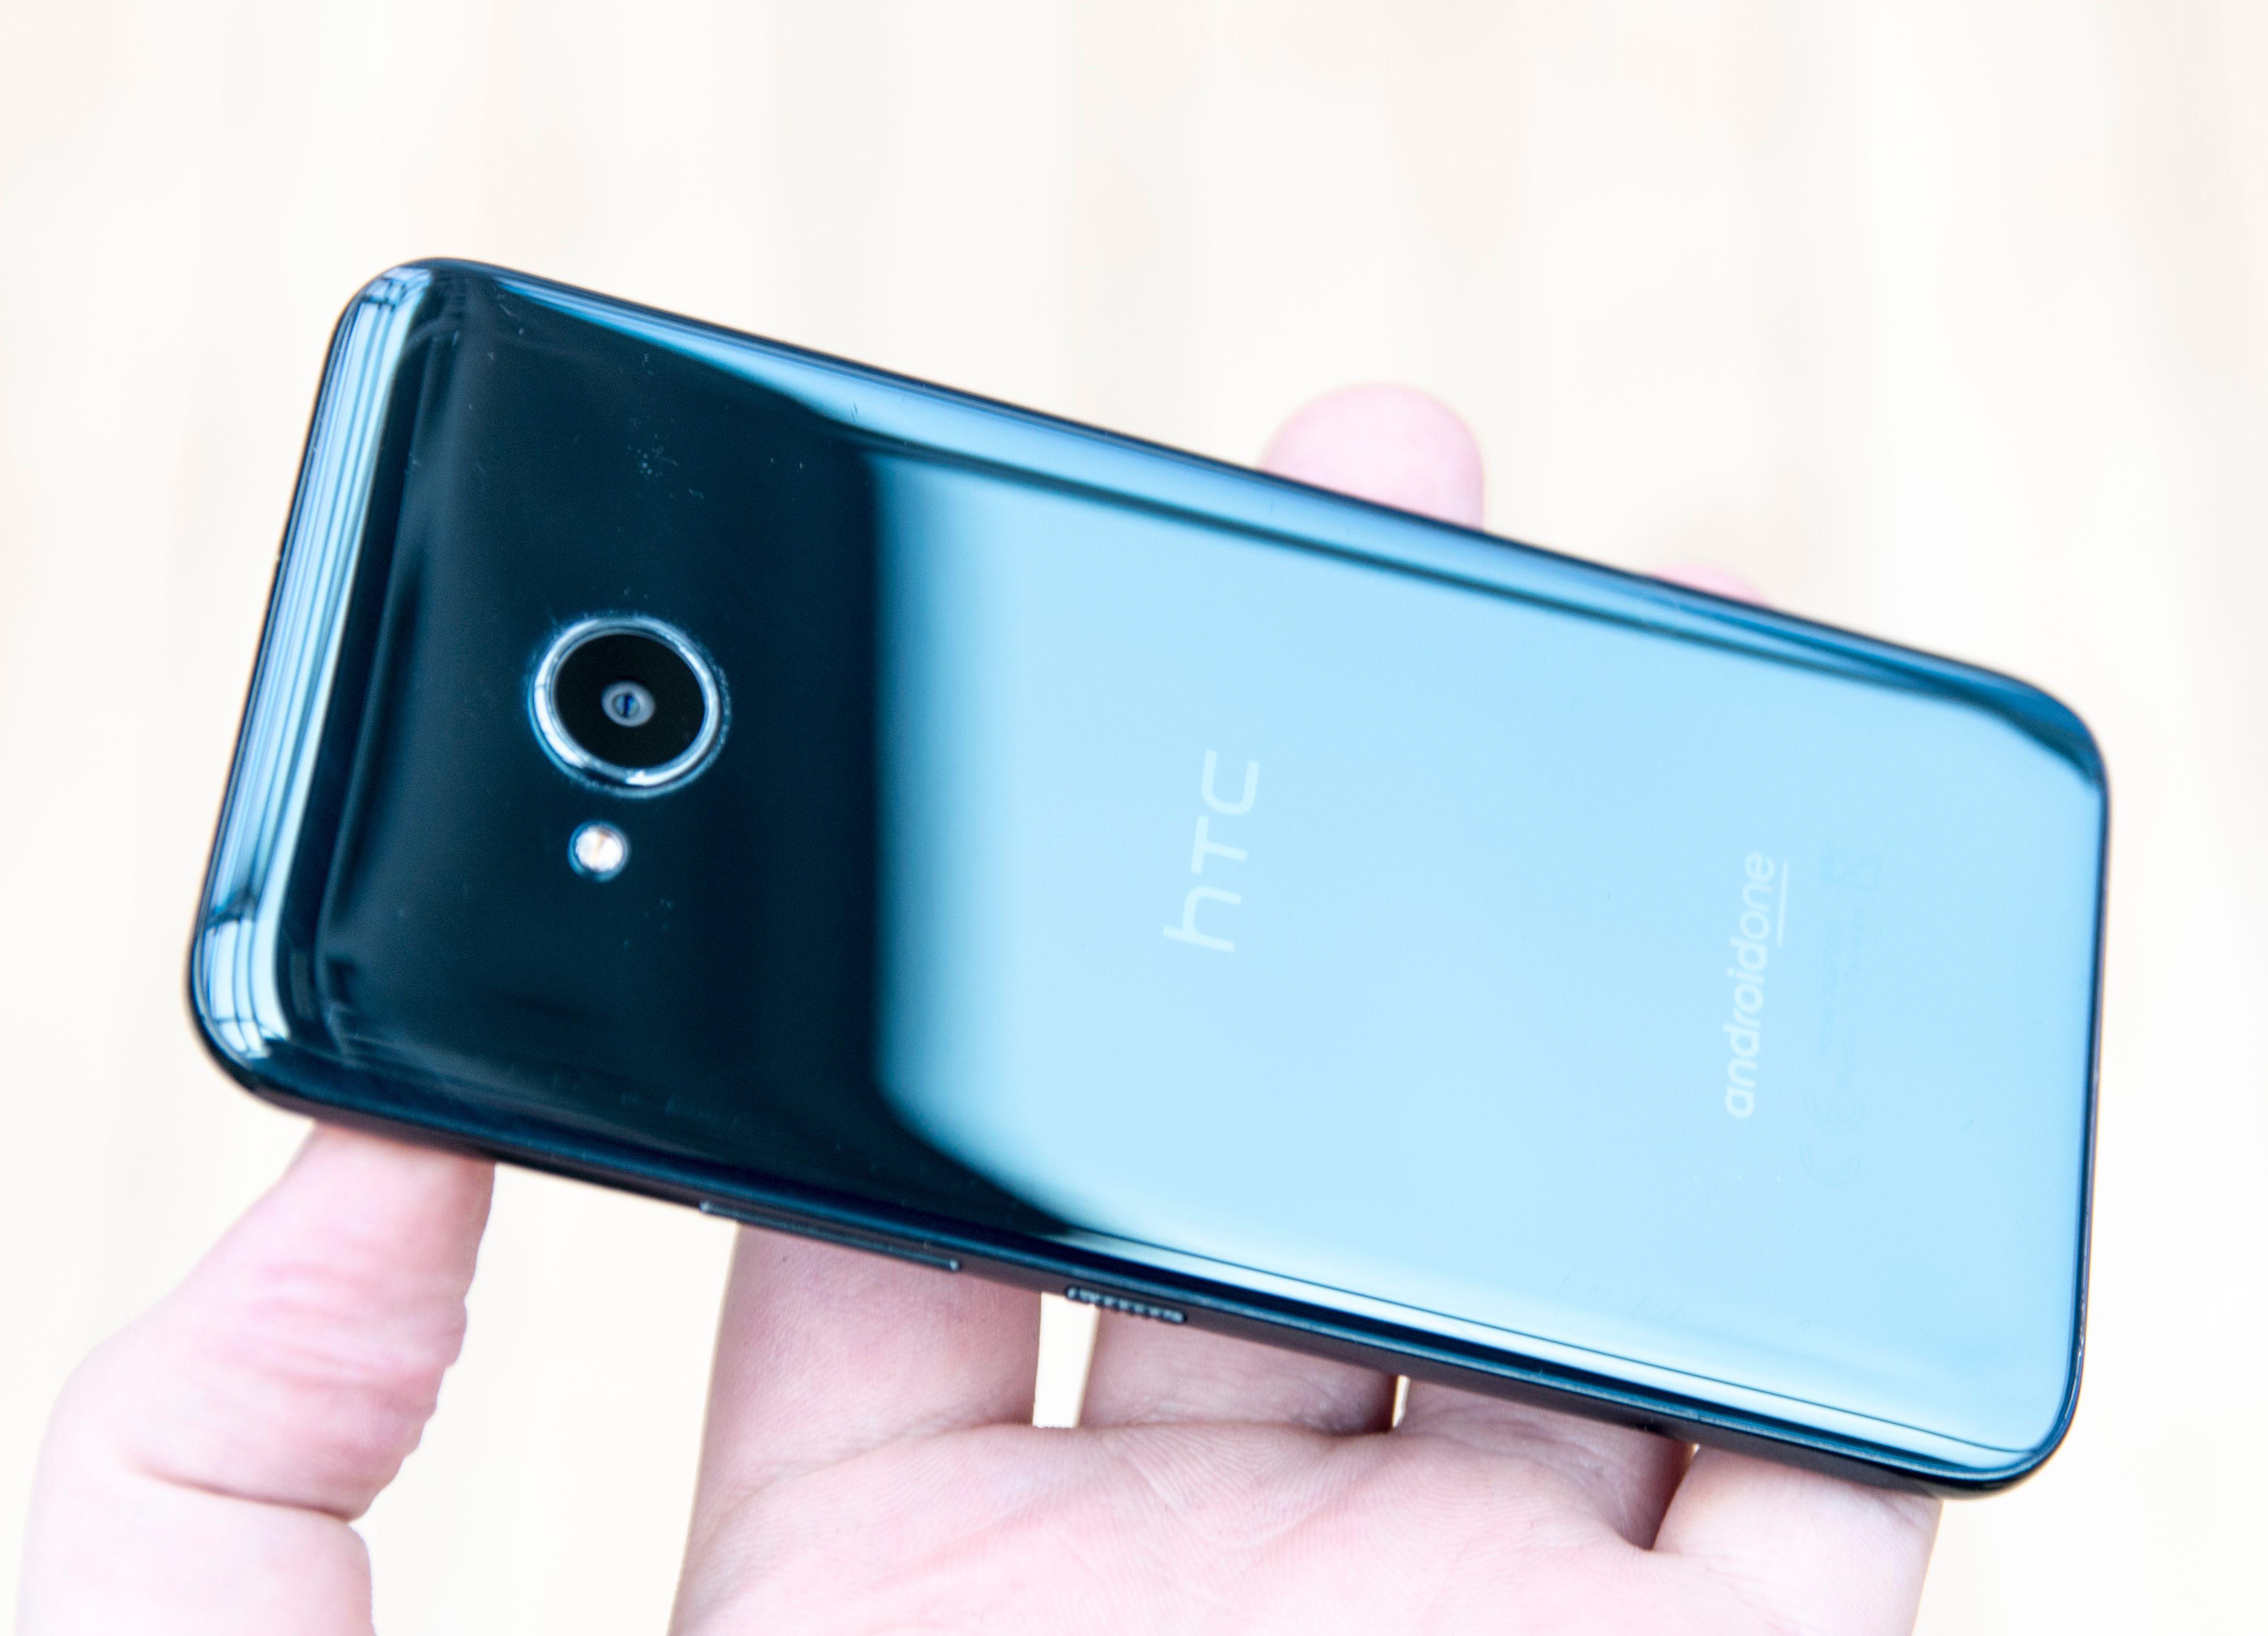 Det er ikke noe synlig på telefonen som avslører at den har Edge Sense. Sensorene er bygget inn i telefonen, som ellers er vanntett og føles like solid som de fleste andre telefoner til rundt 3-4 000 kroner.